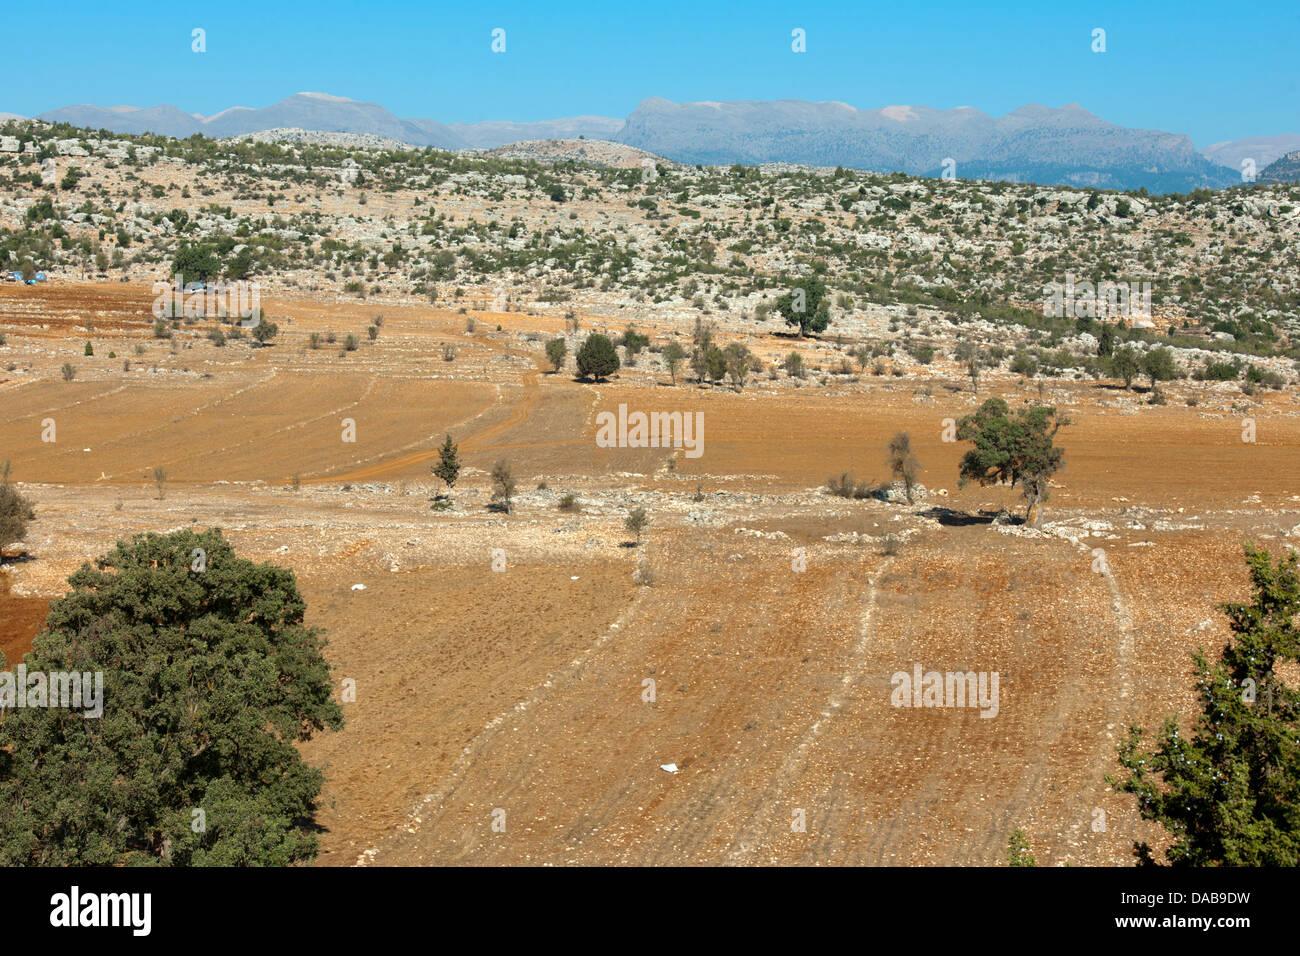 Türkei, Provinz Icel (Mersin), nödlich von Tarsus, karge Landwirtschaft - Stock Image